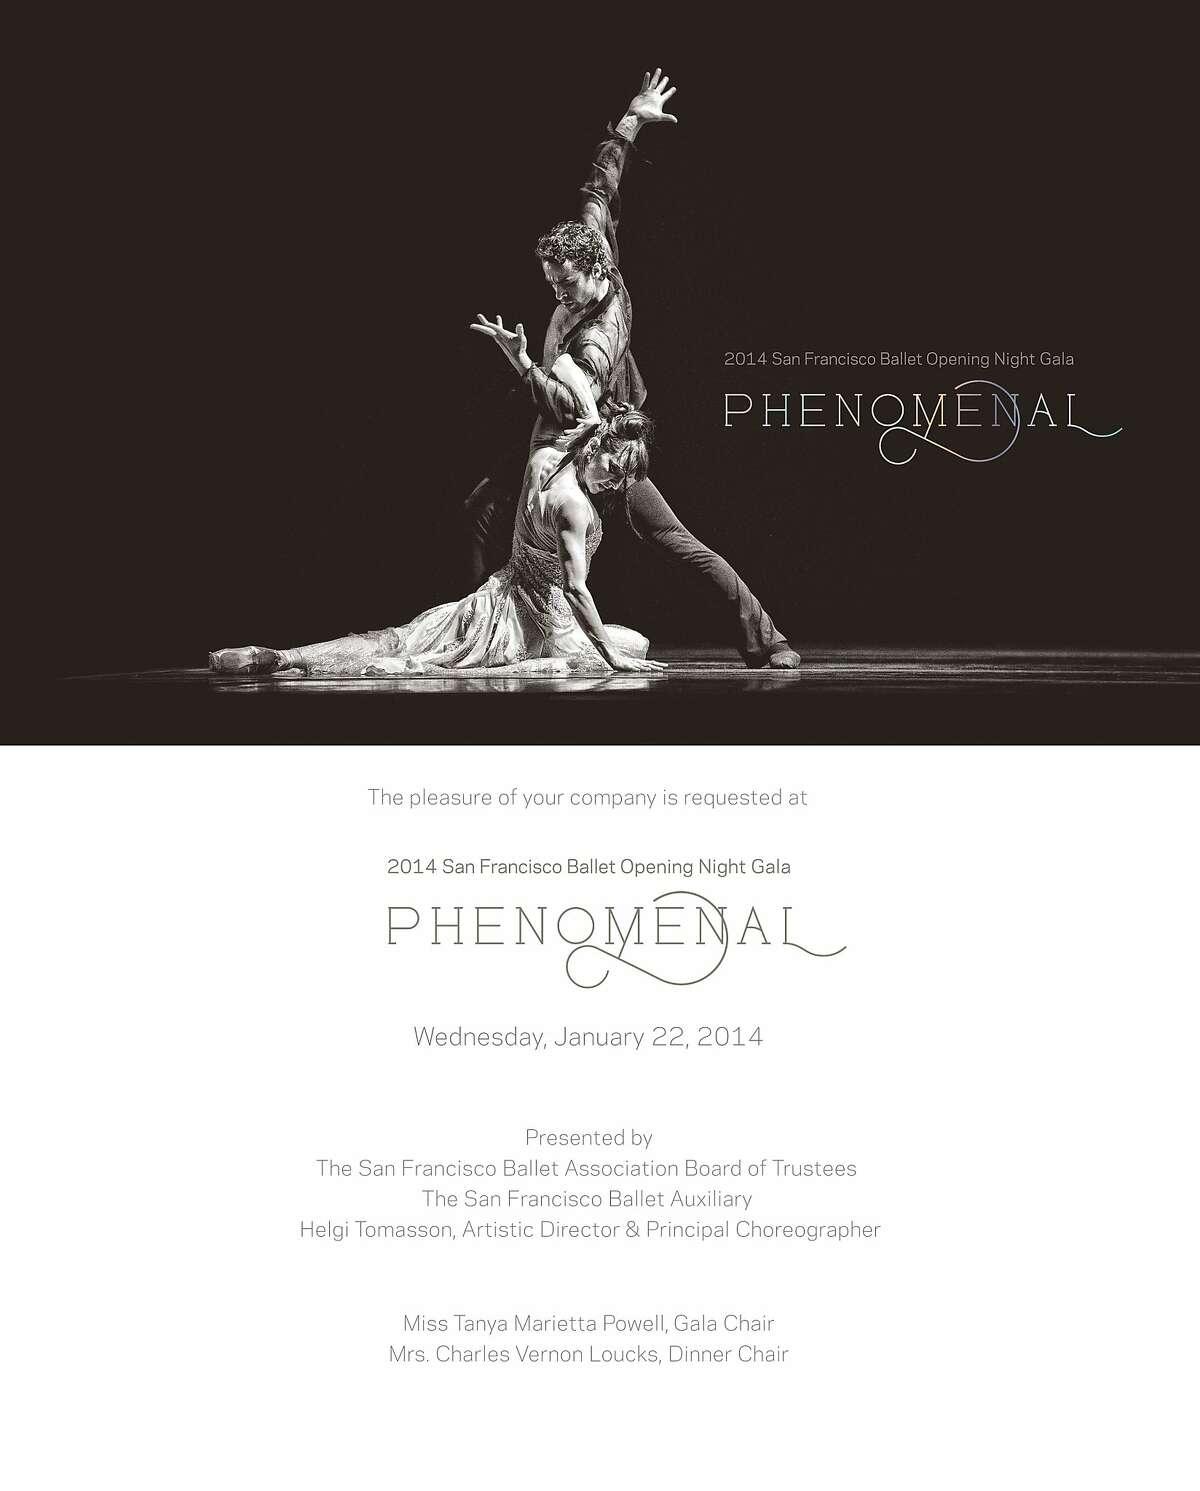 The San Francisco Ballet's Phenomenal season opening gala is Jan. 22.